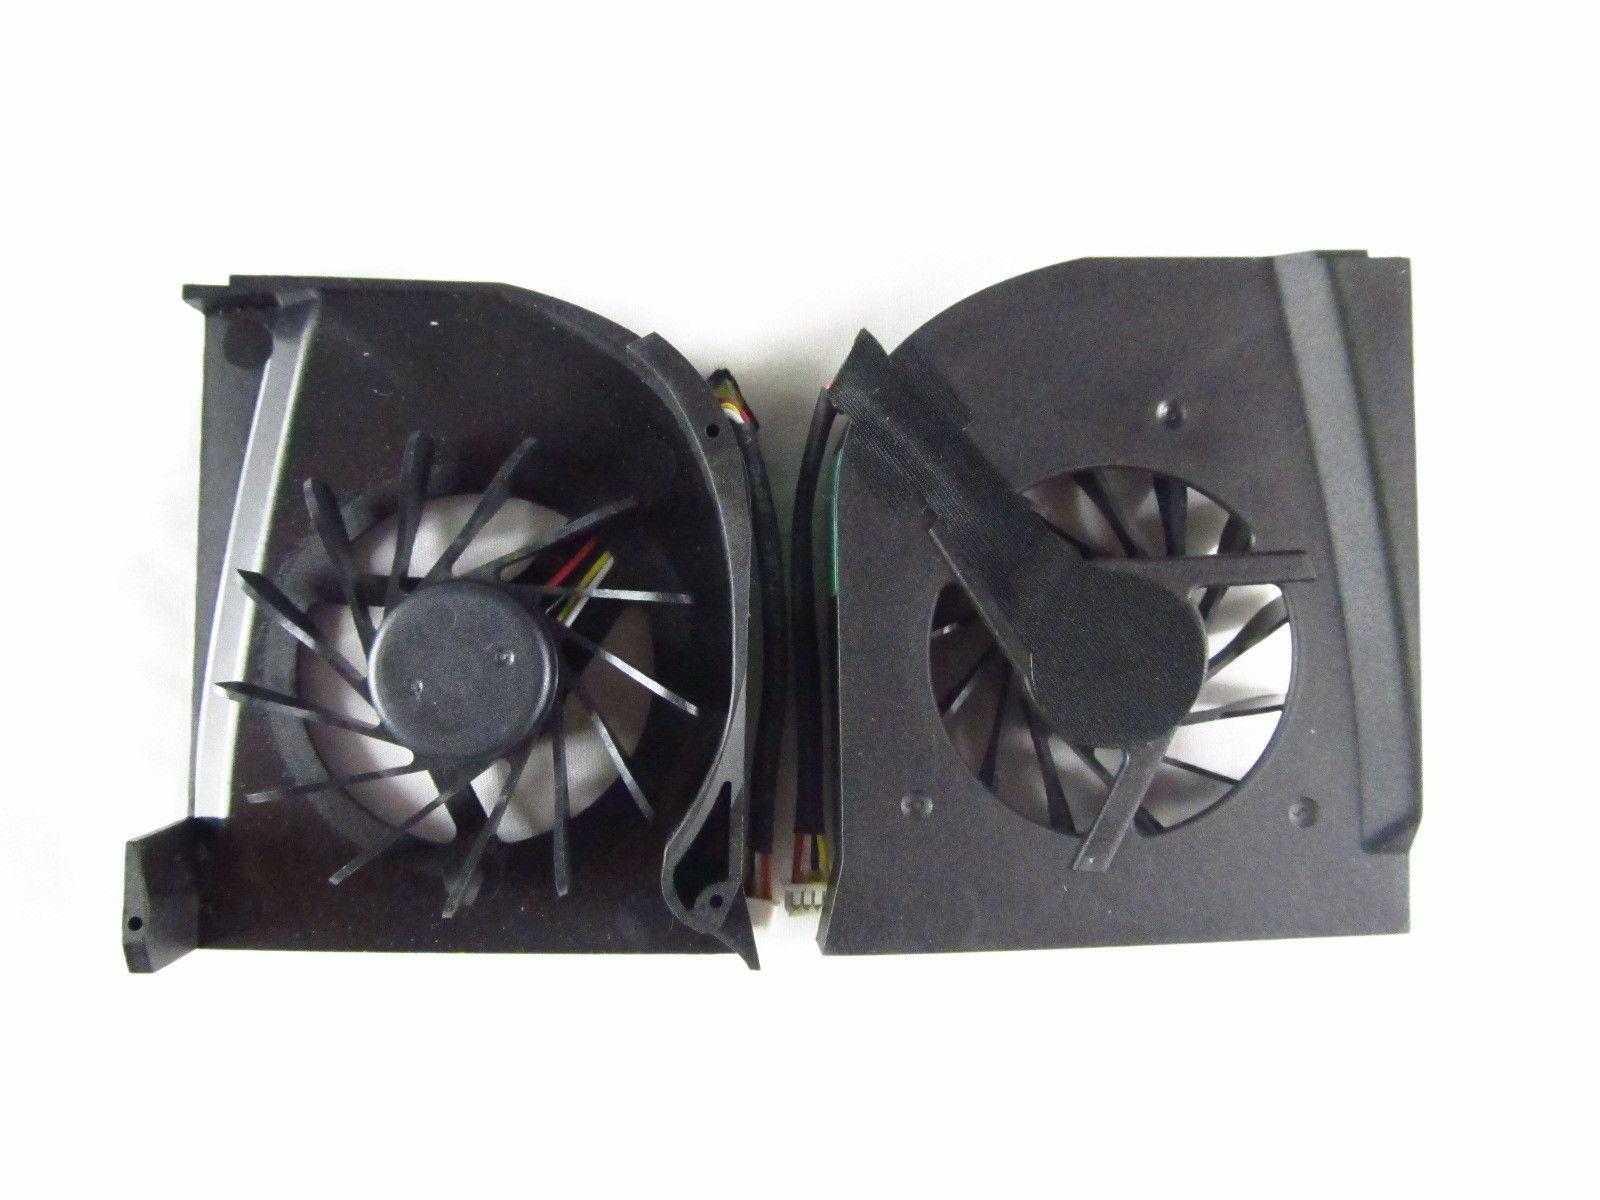 Ventilátor chlazení pro notebooky HP Pavilion DV6000 DV6500 DV6600 DV6700 DV6800 pro AMD